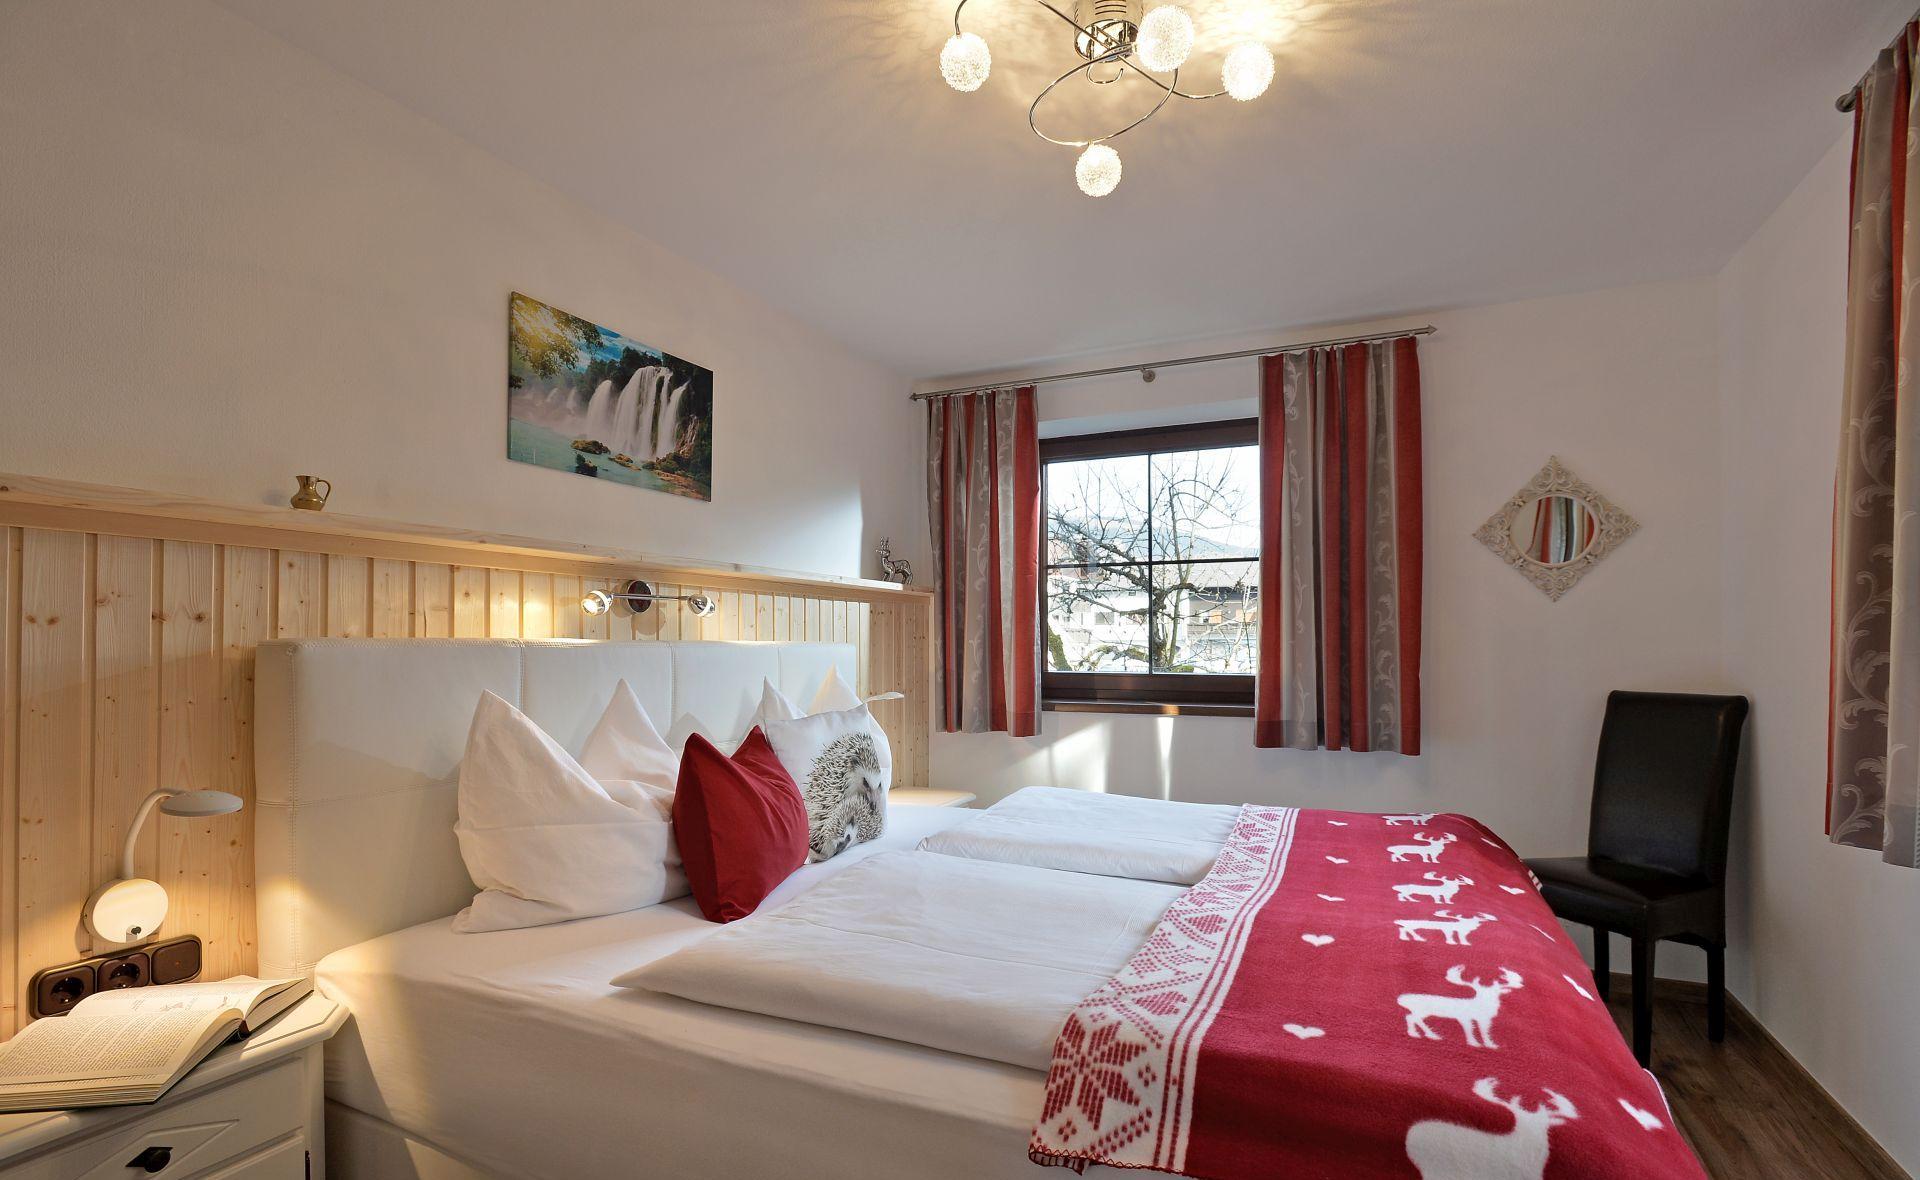 Appartement-Franziska-Fischler-Angerer-Sabine-Bergliftstrasse-3-Westendorf-Appartement-2-Schlafzimmer-neu-12-2015